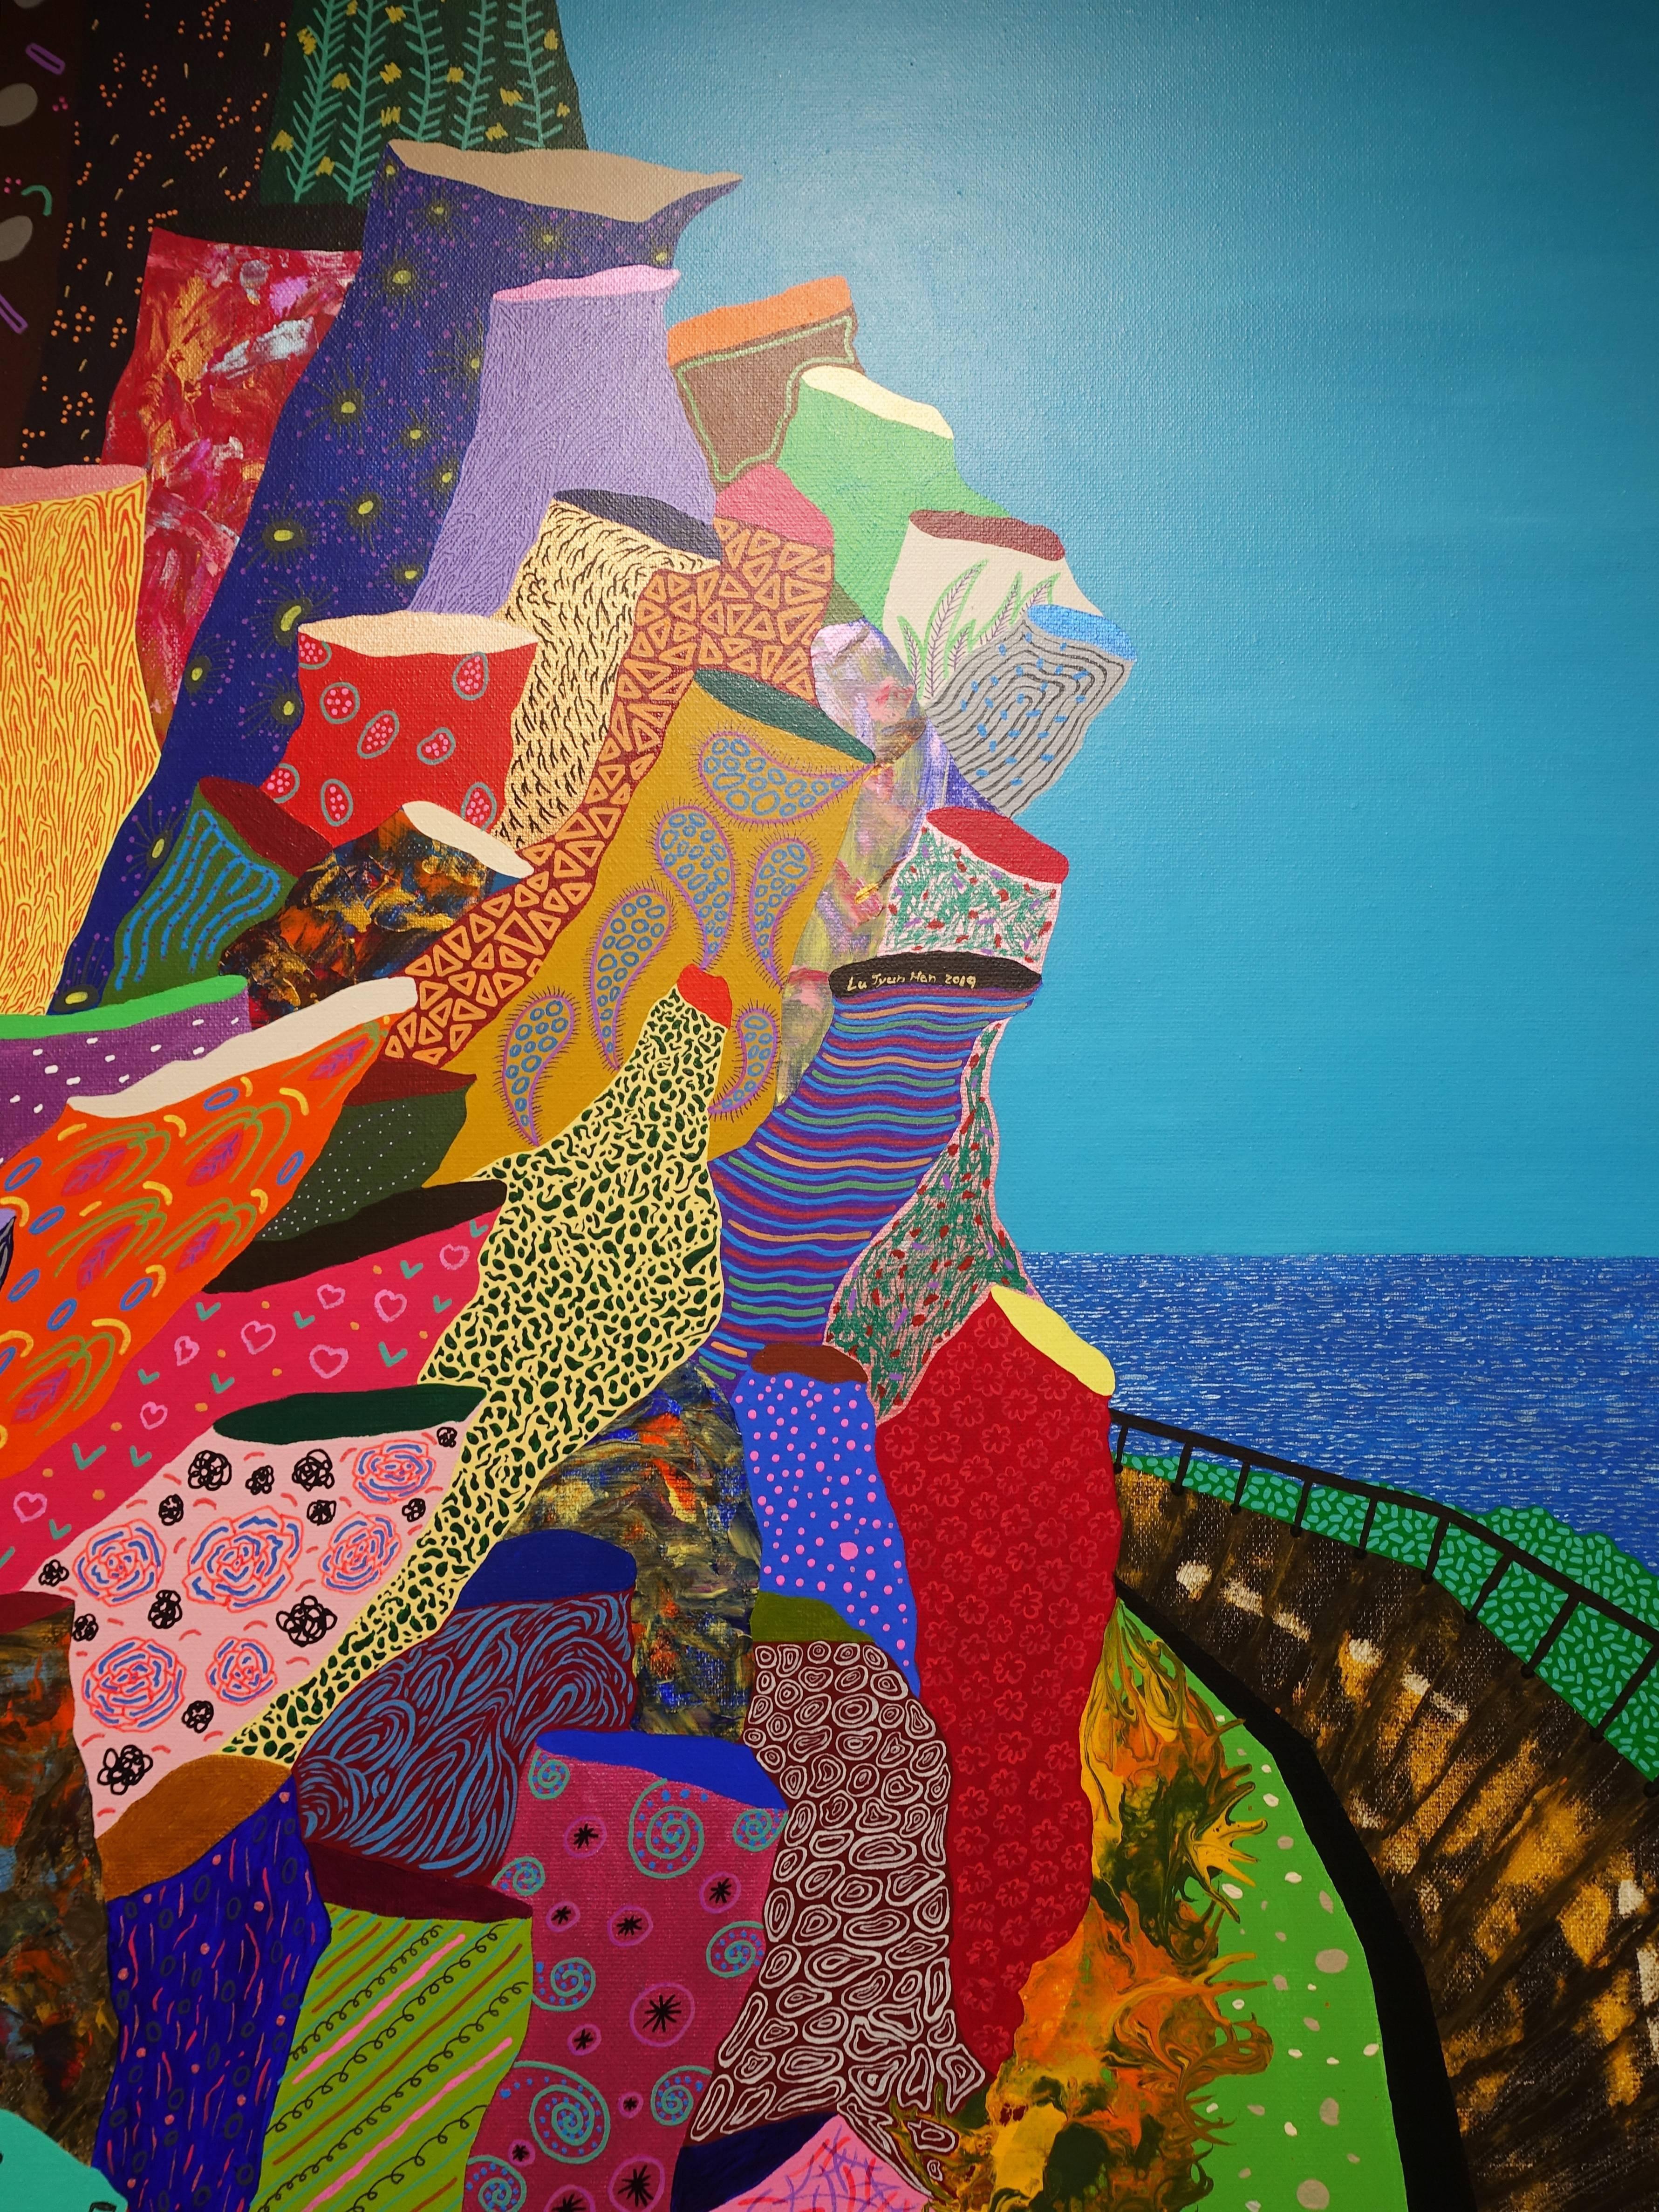 盧俊翰,《聽海風唱歌》細節,130 x 80 cm,壓克力,2019。